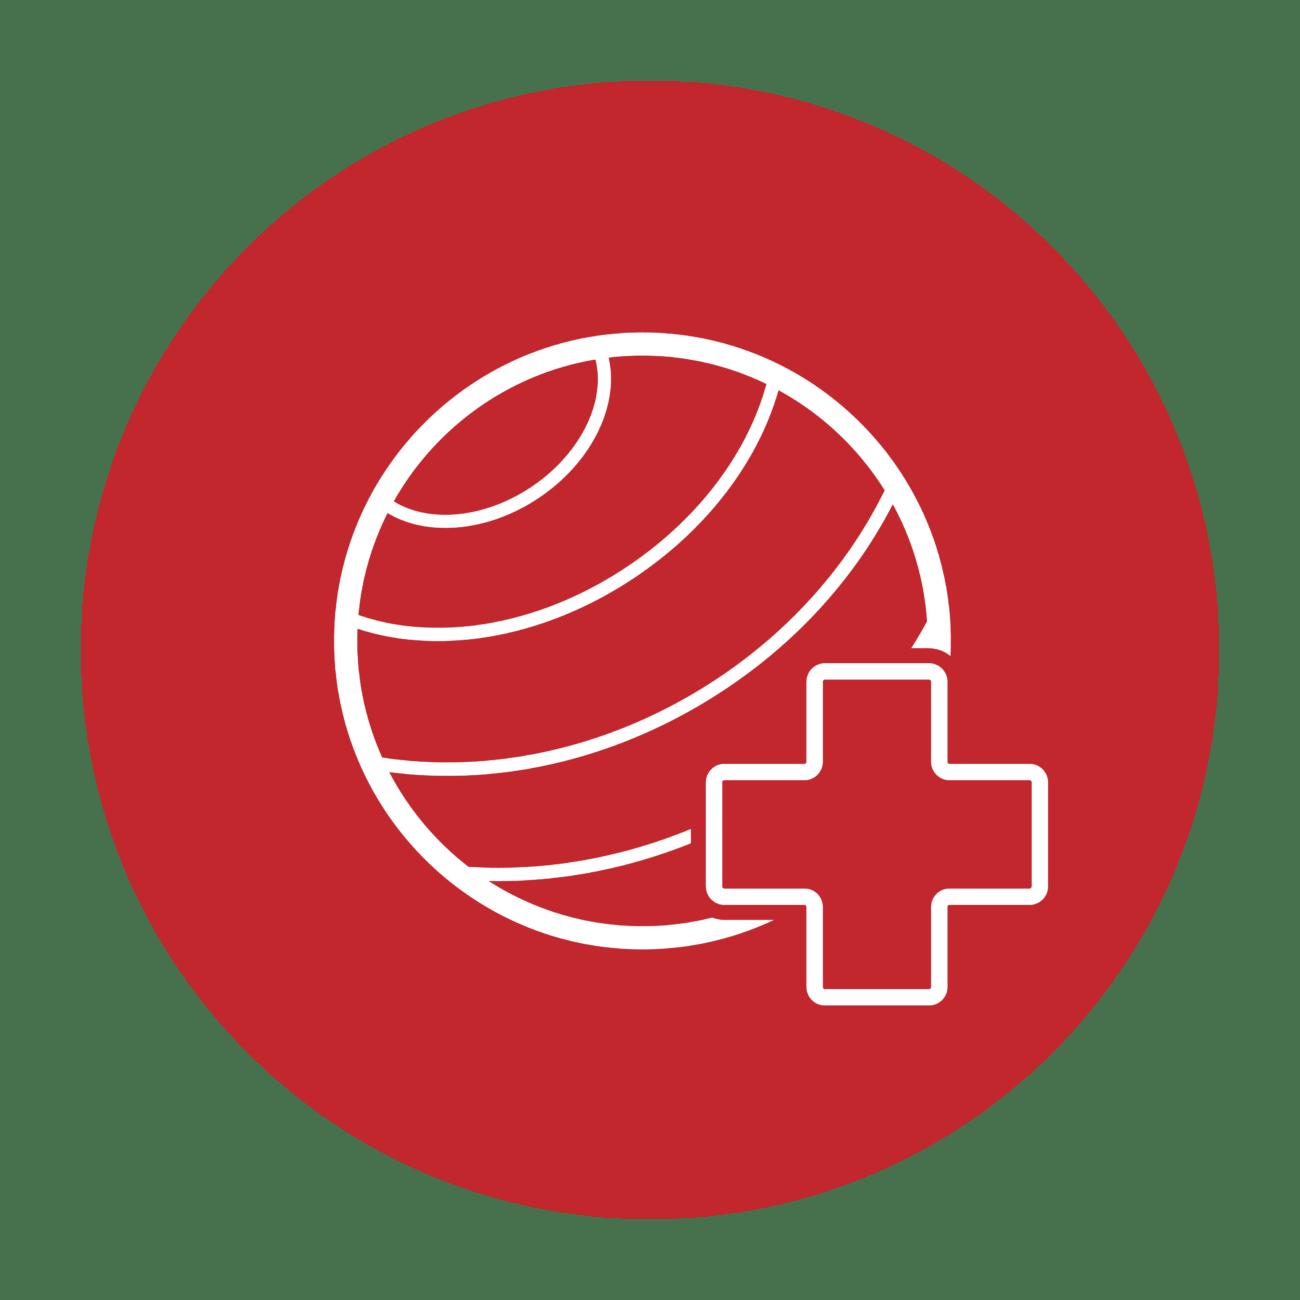 עיסוי, שיקום וריפוי